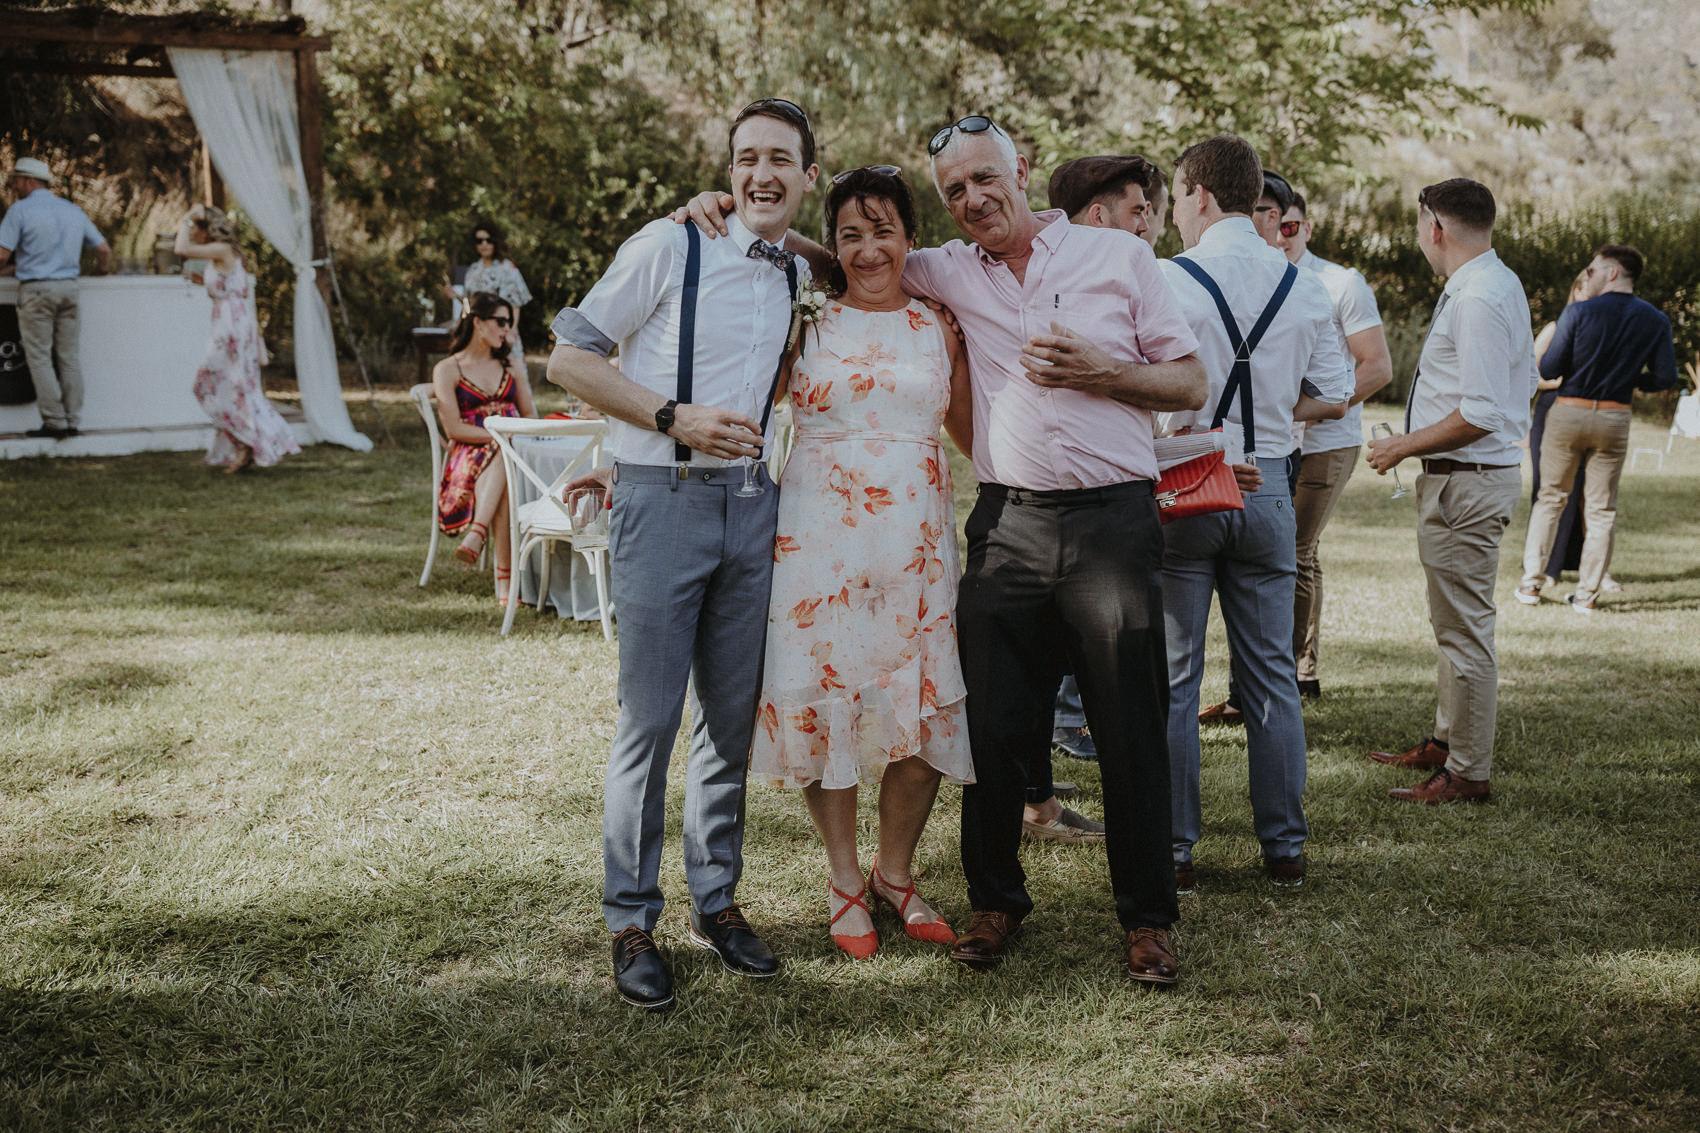 Sarah & Bill | Summer wedding at Cortijo Rosa Blanca | Marbella - Spain 93